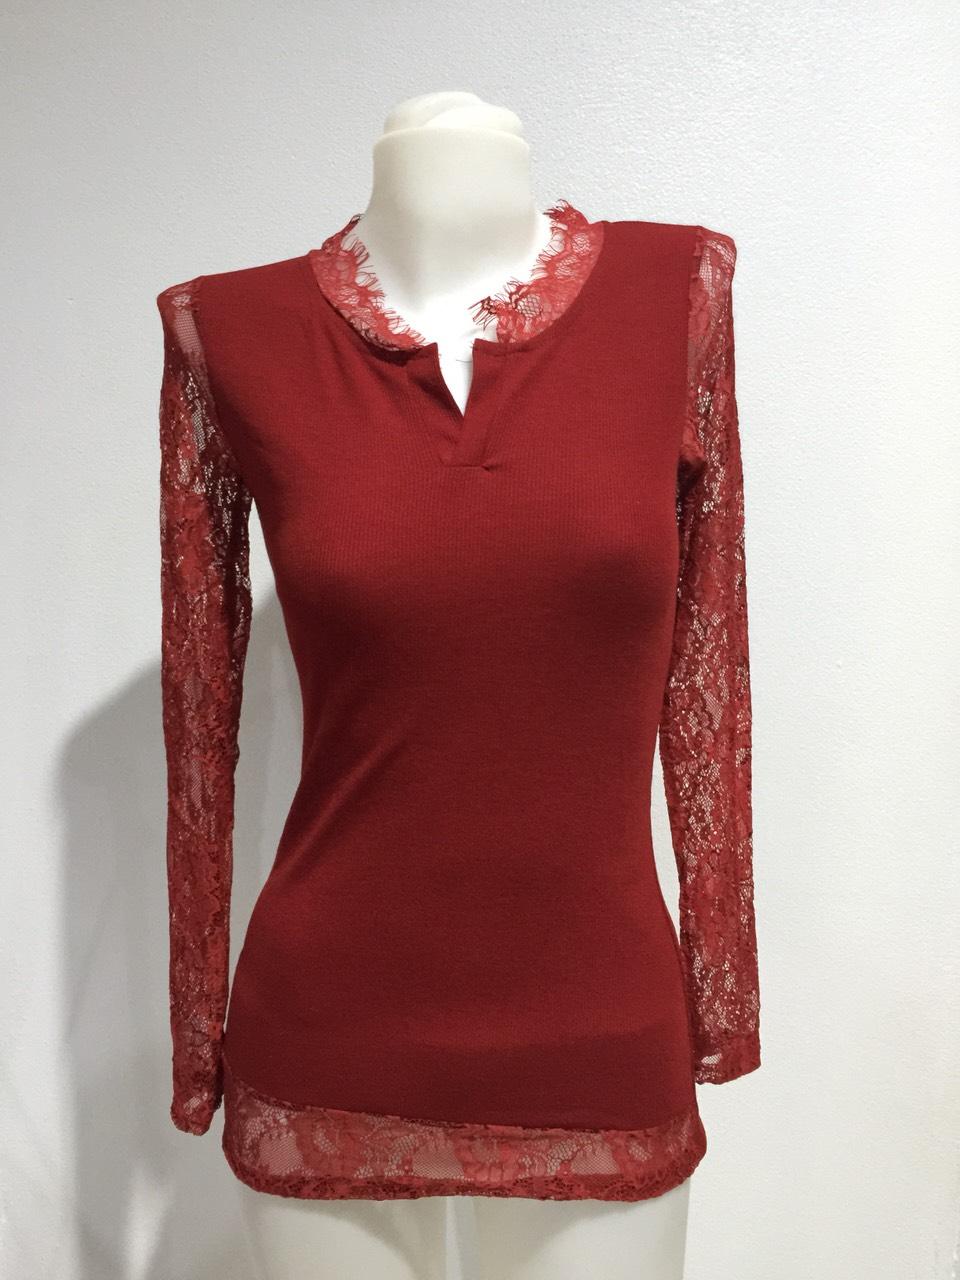 (SALE) เสื้อแฟชั่น แขนยาว คอวี แต่งลูกไม้ สีแดง